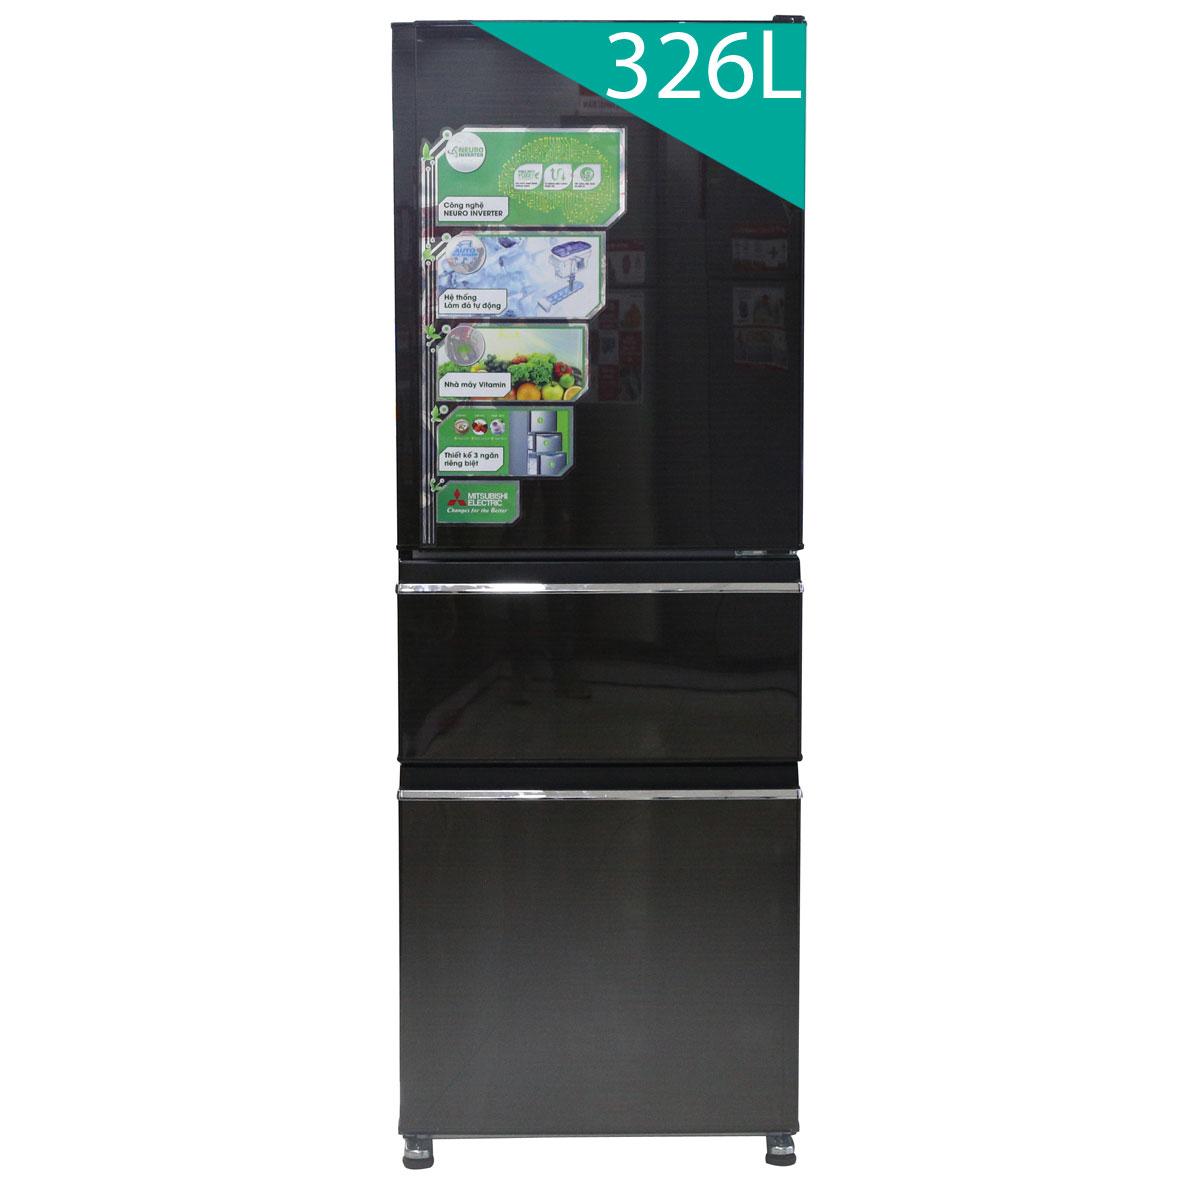 Nơi bán tủ lạnh Mitsubishi giá rẻ - 218081